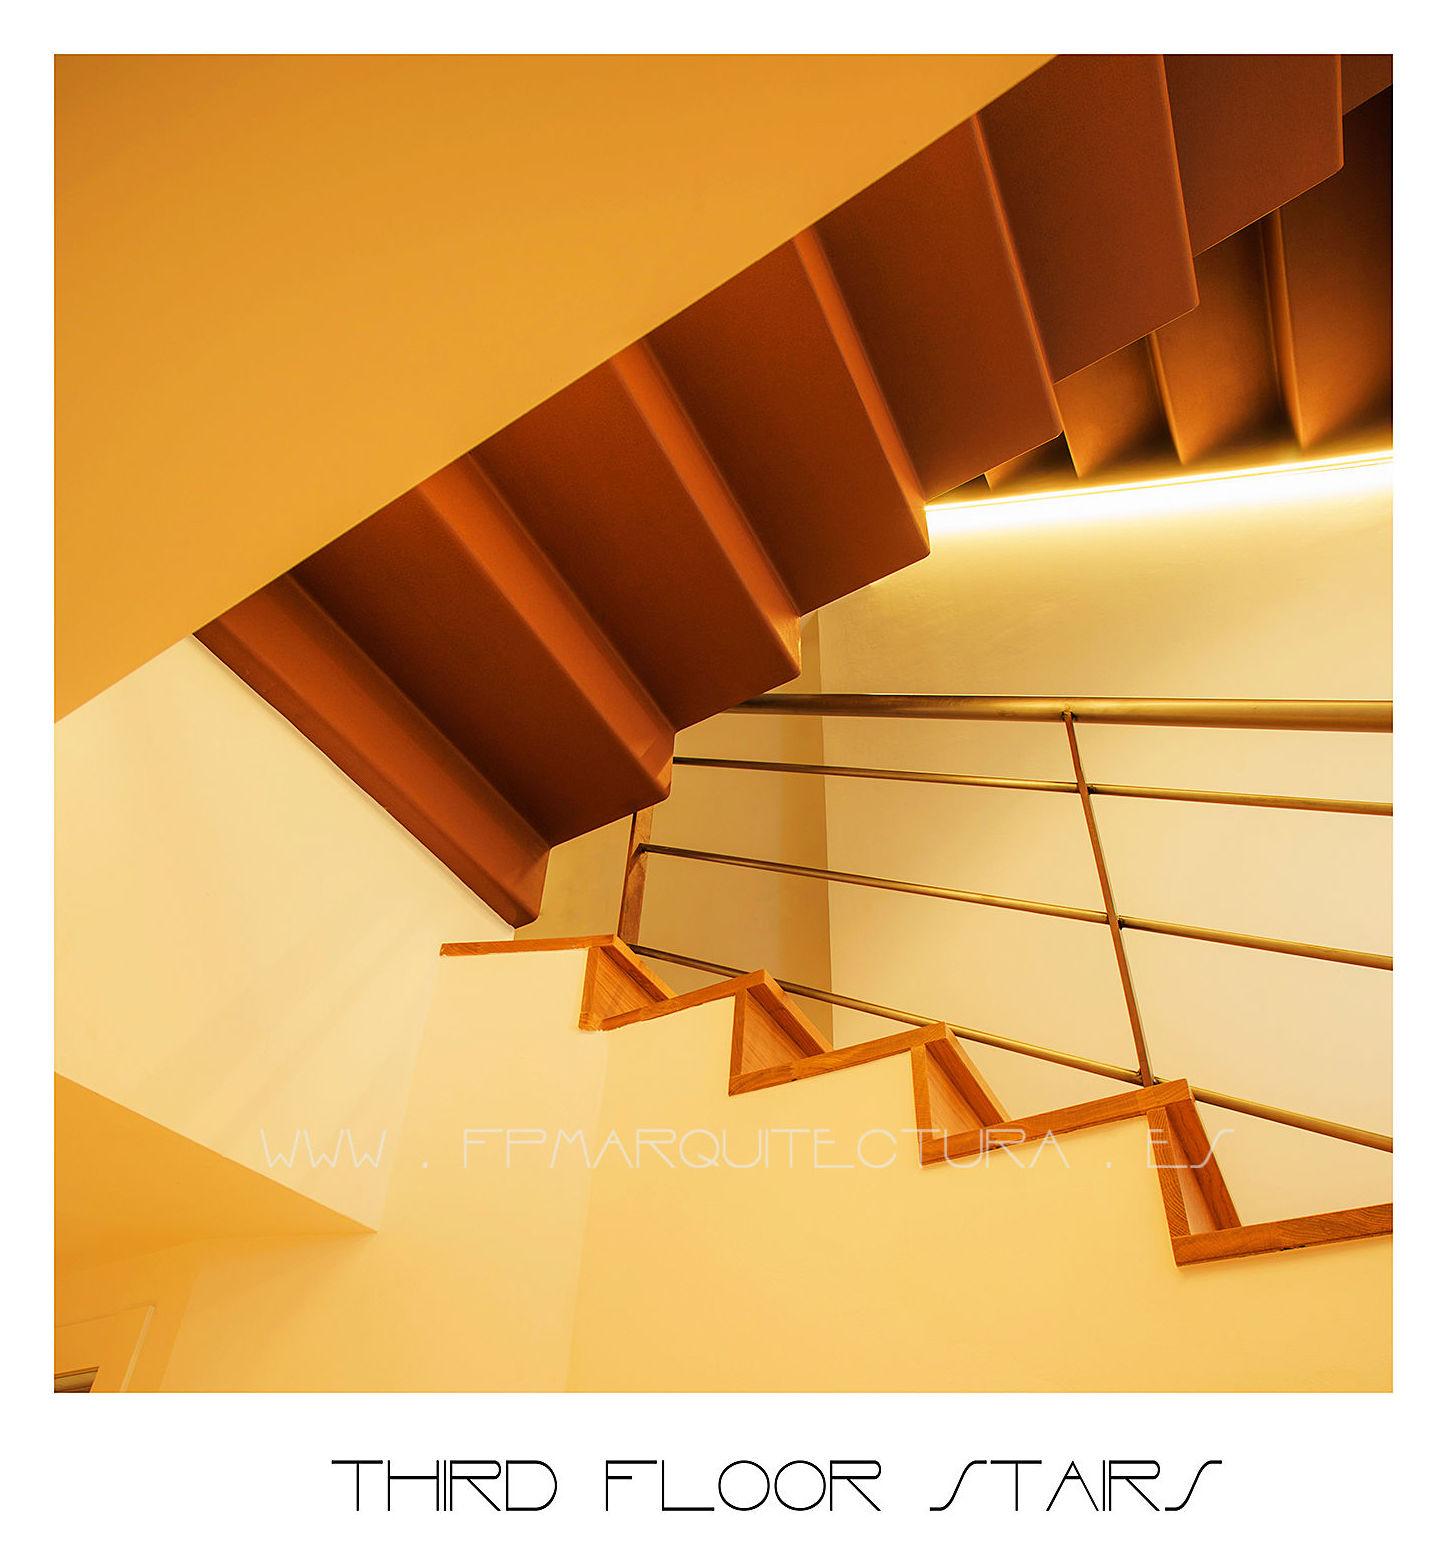 Building CxM Sitges  Barcelona FPM Architects